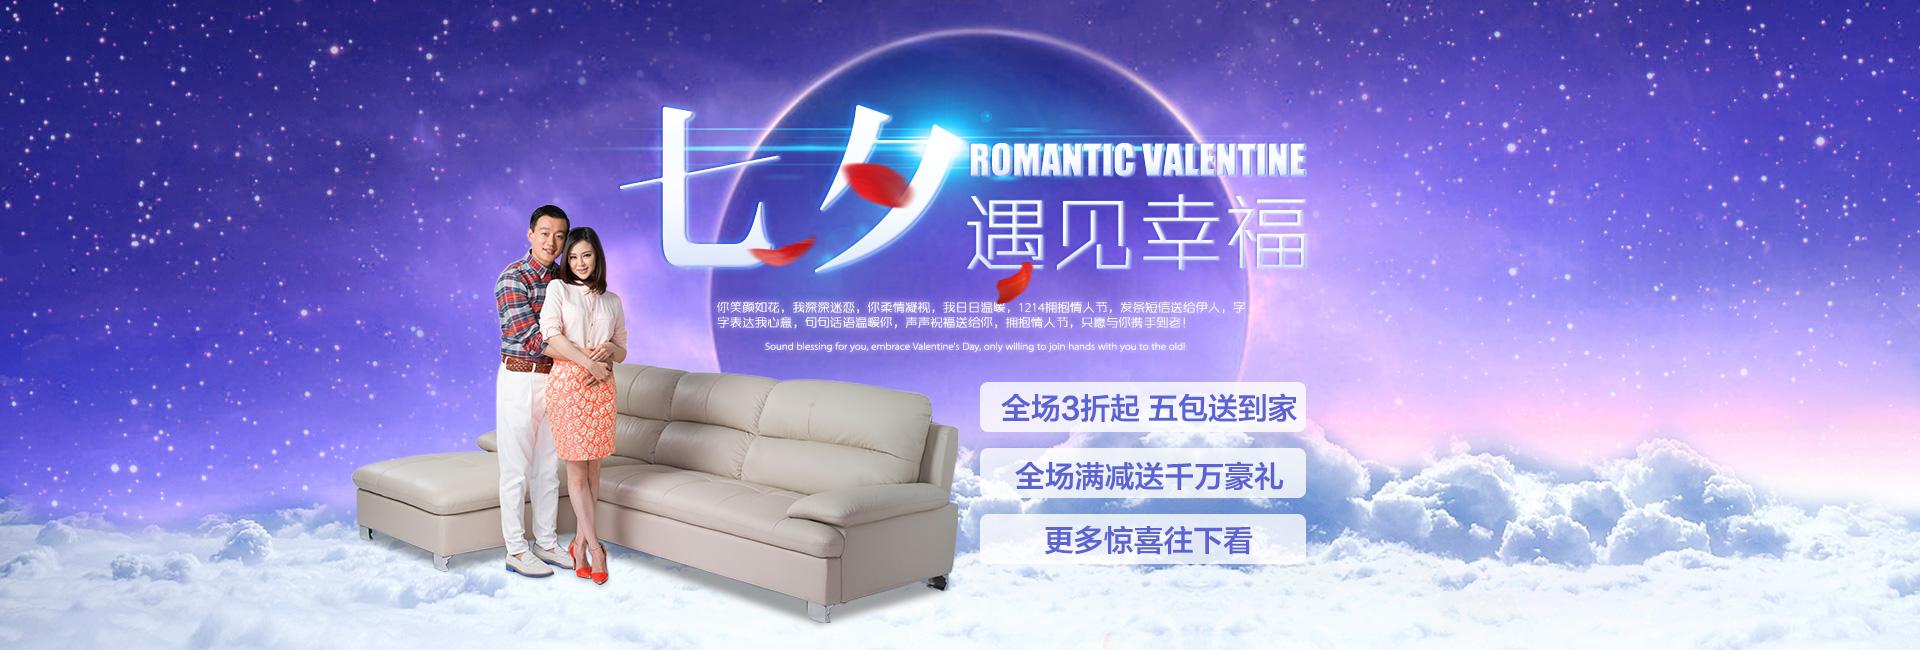 骚色网站_七夕 /strong>页面 网页 电商 nevi318 - 原创作品 - 站酷